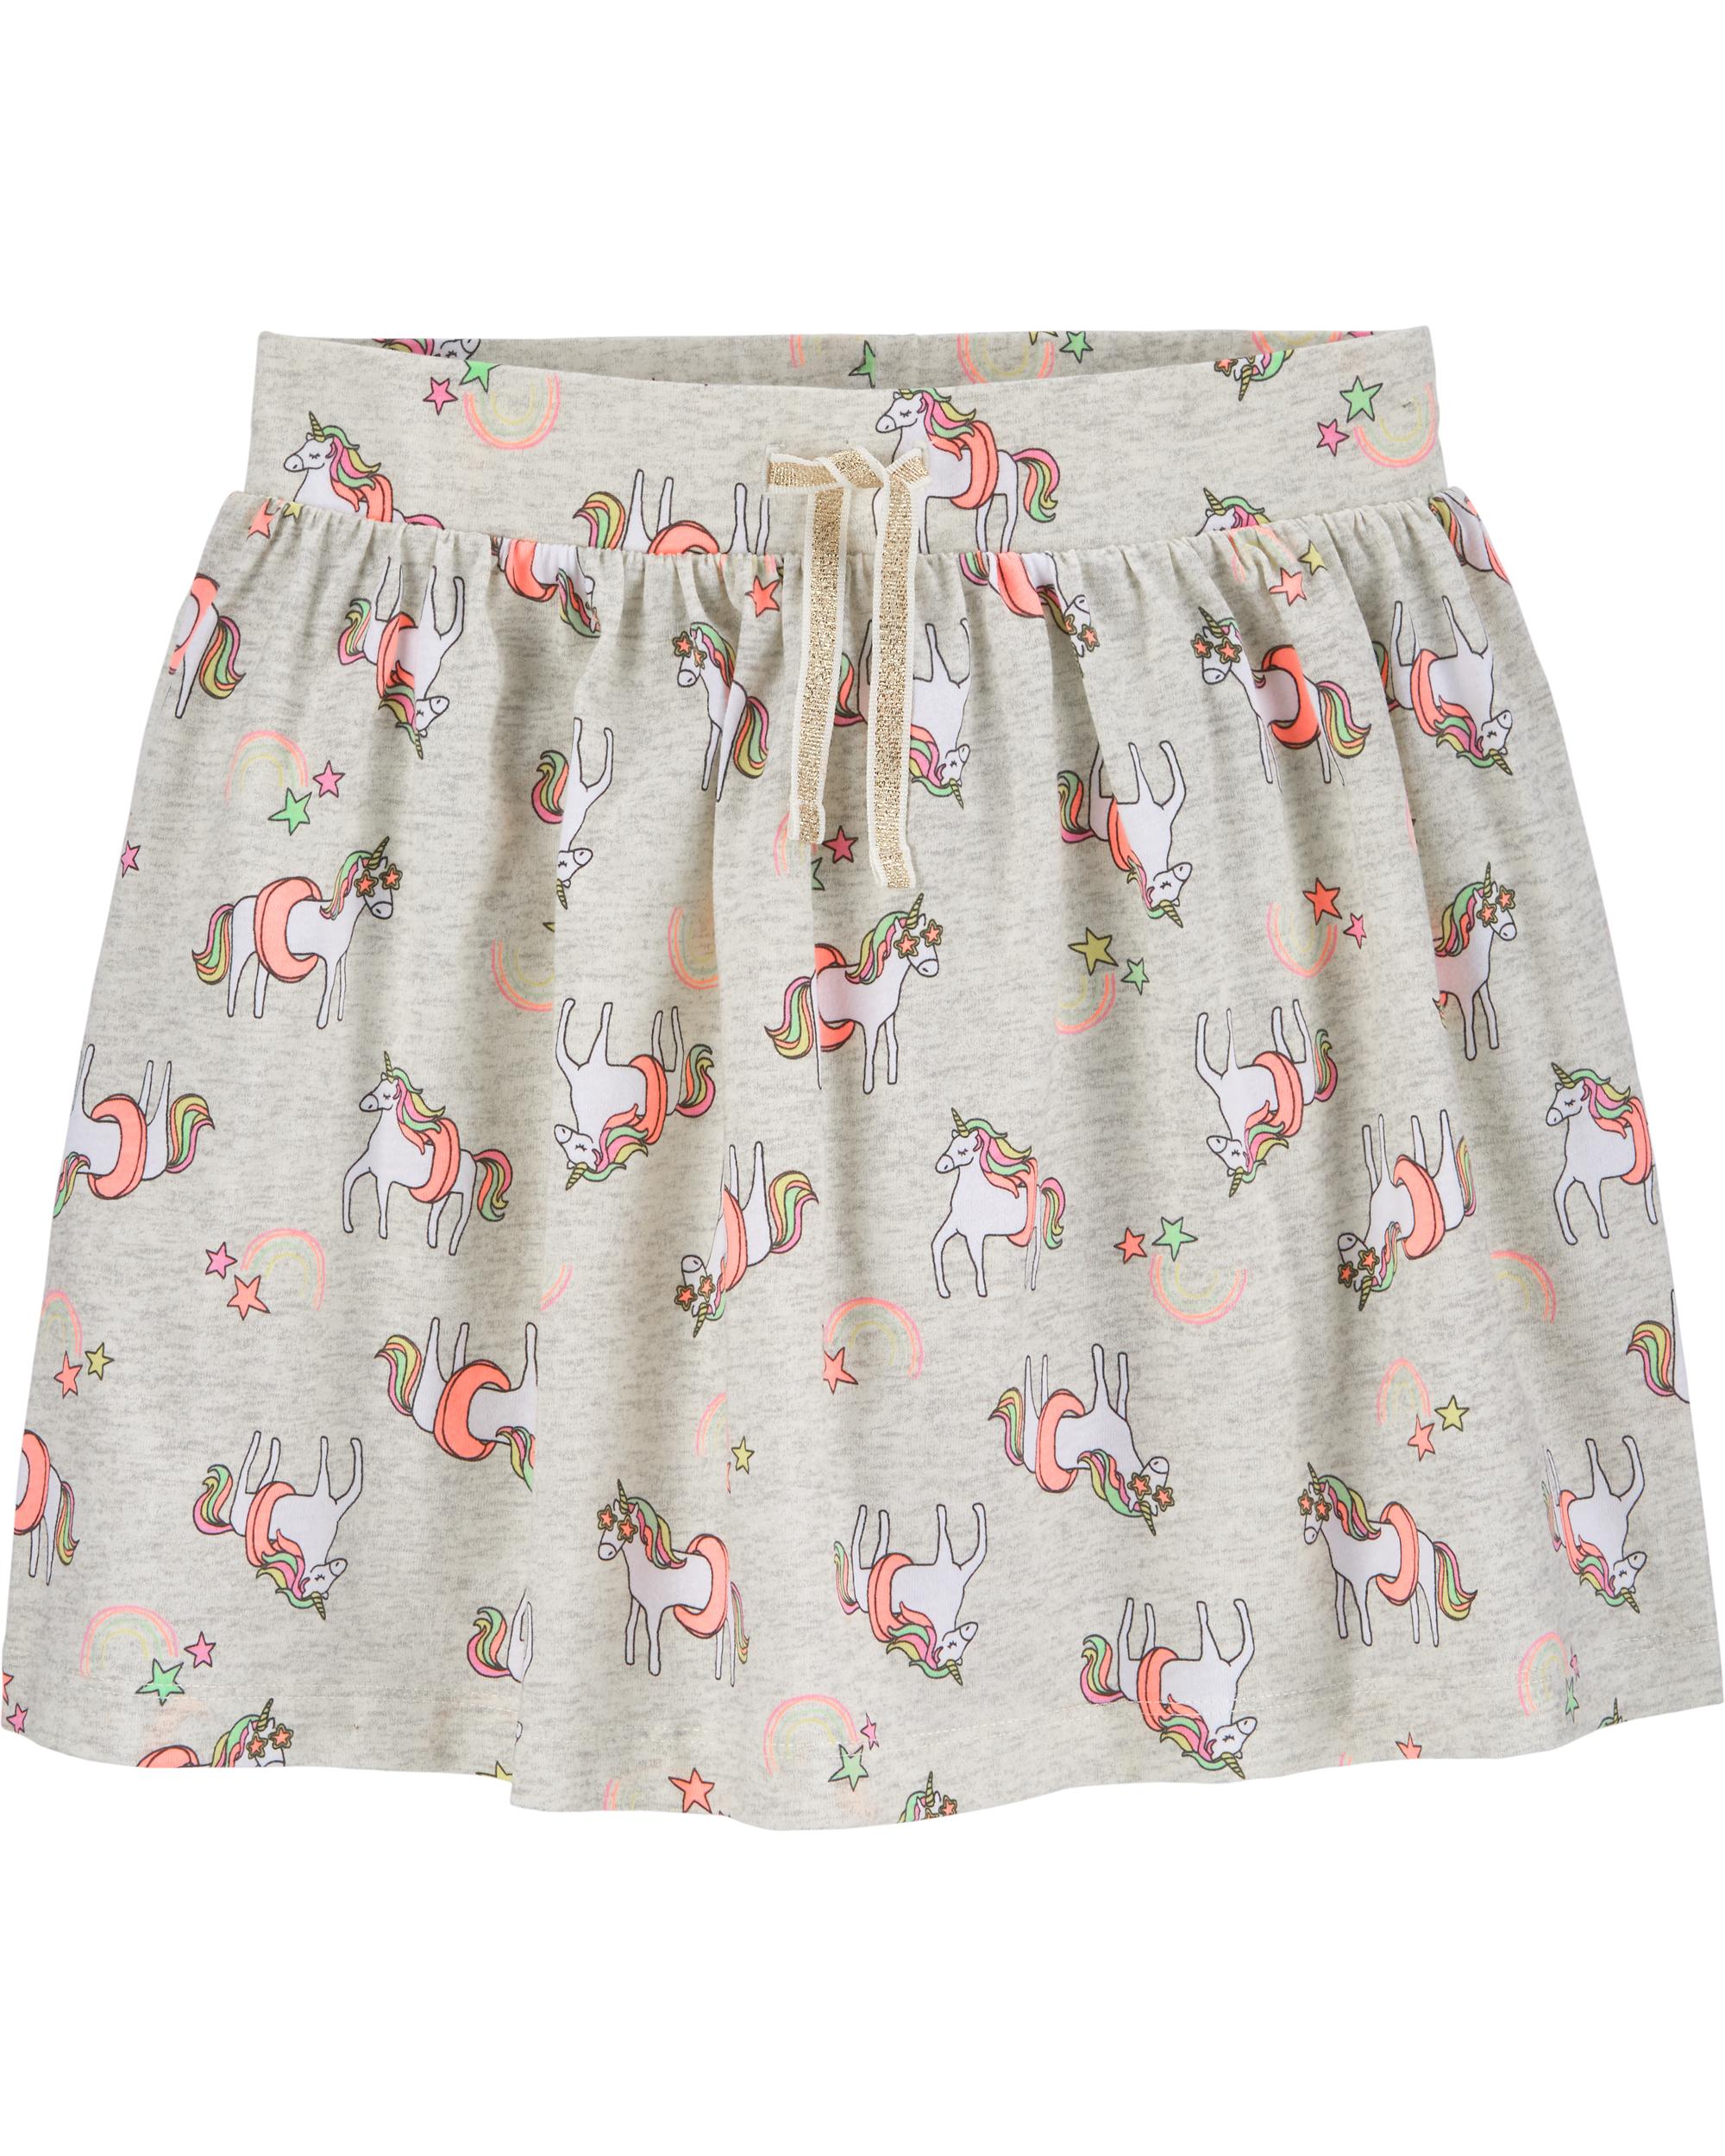 חצאית מכנס חדי קרן